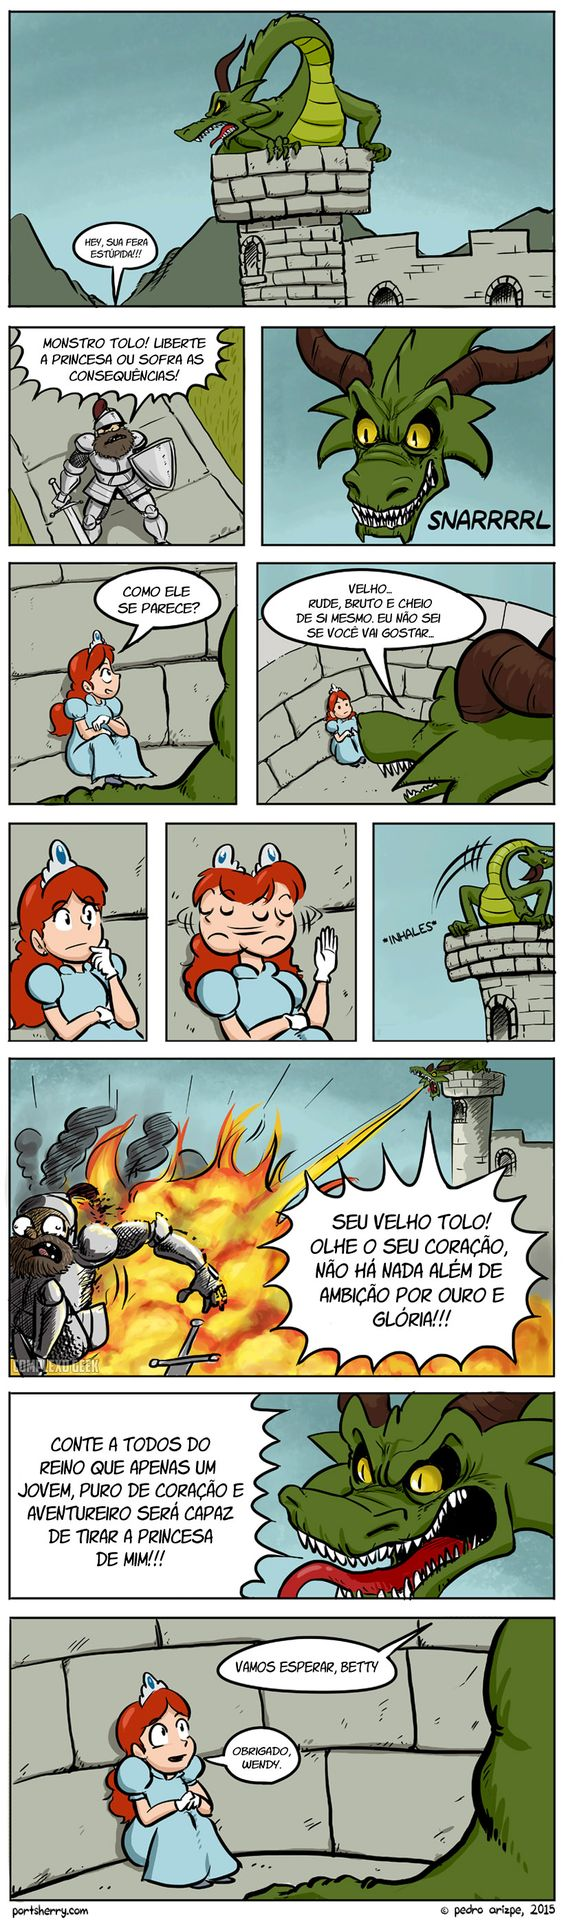 A verdade sobre os contos da Princesa e o Dragão